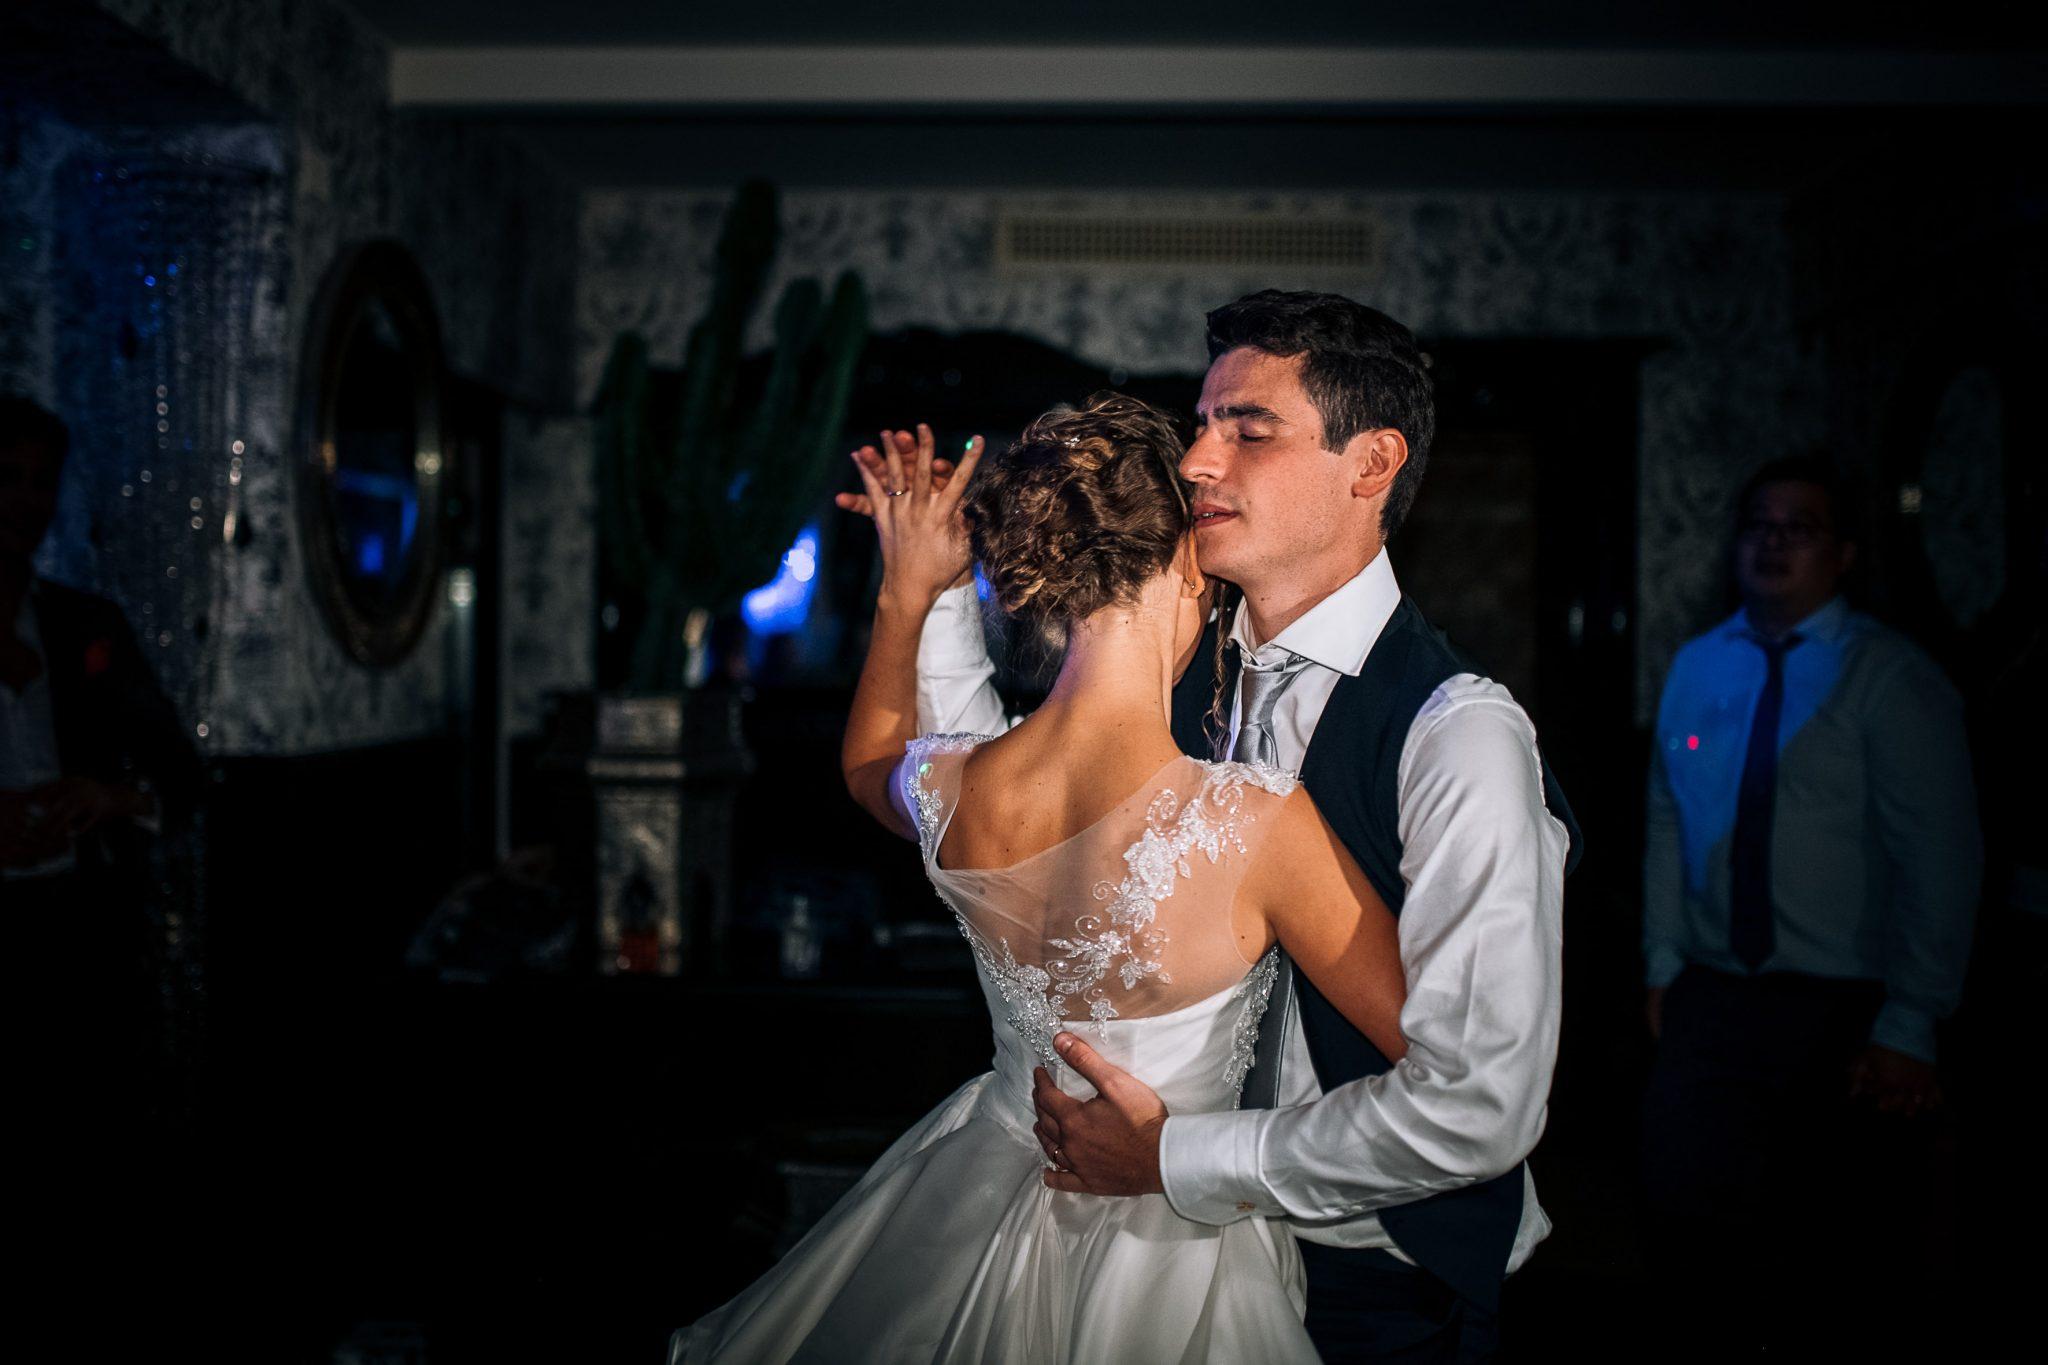 gli sposi mentre ballano al ricevimento